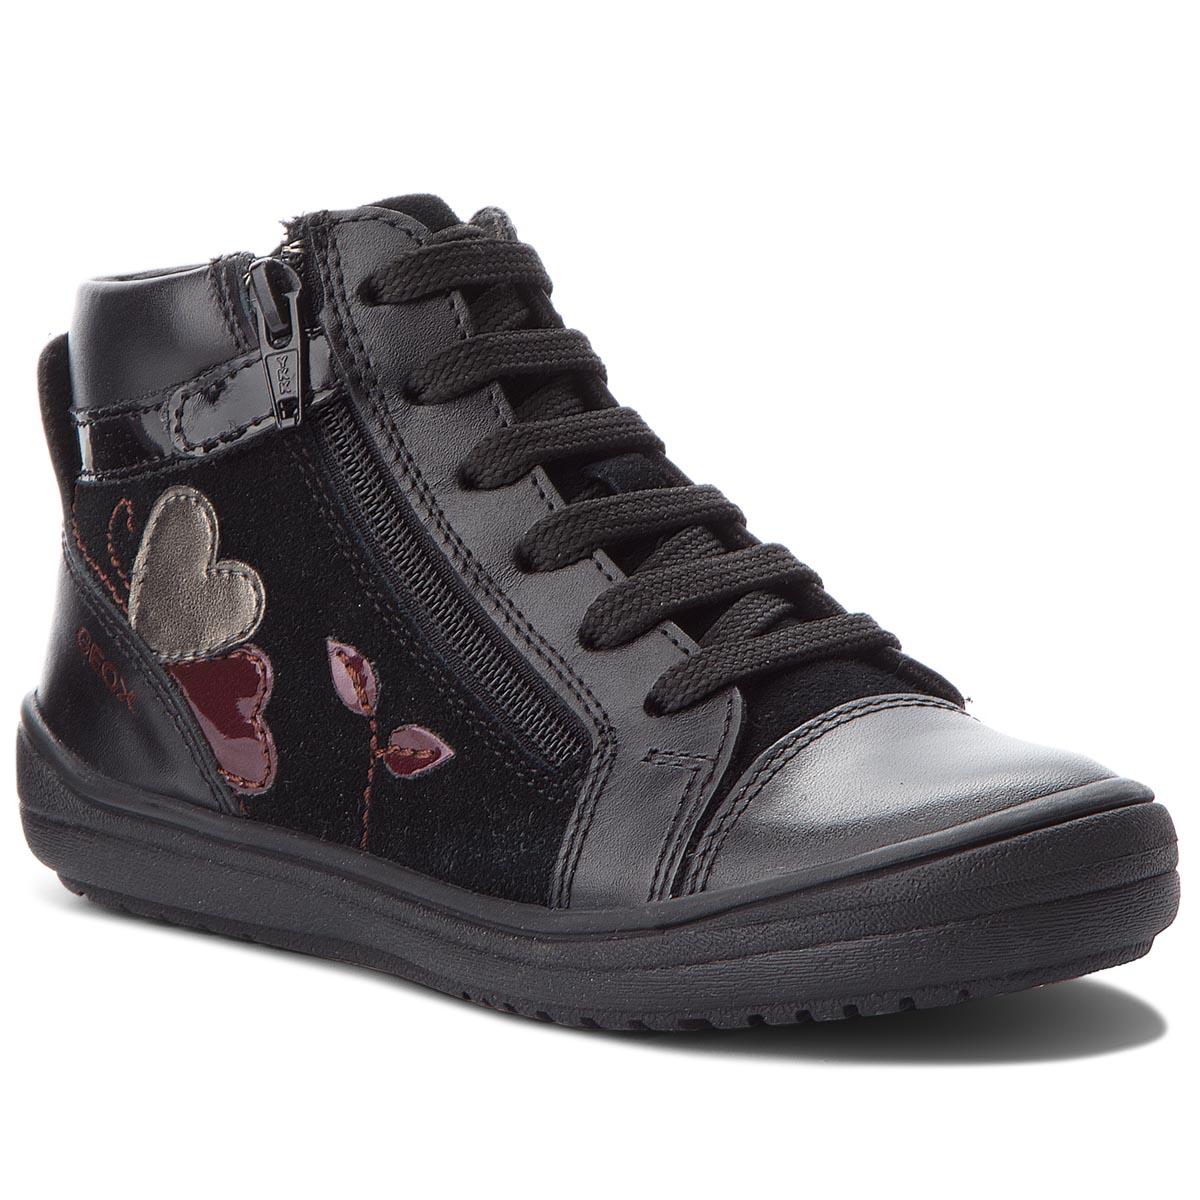 0506af67ce2 Kotníková obuv GEOX - J Hadriel G. A J847VA 08522 C9999 S Black ...